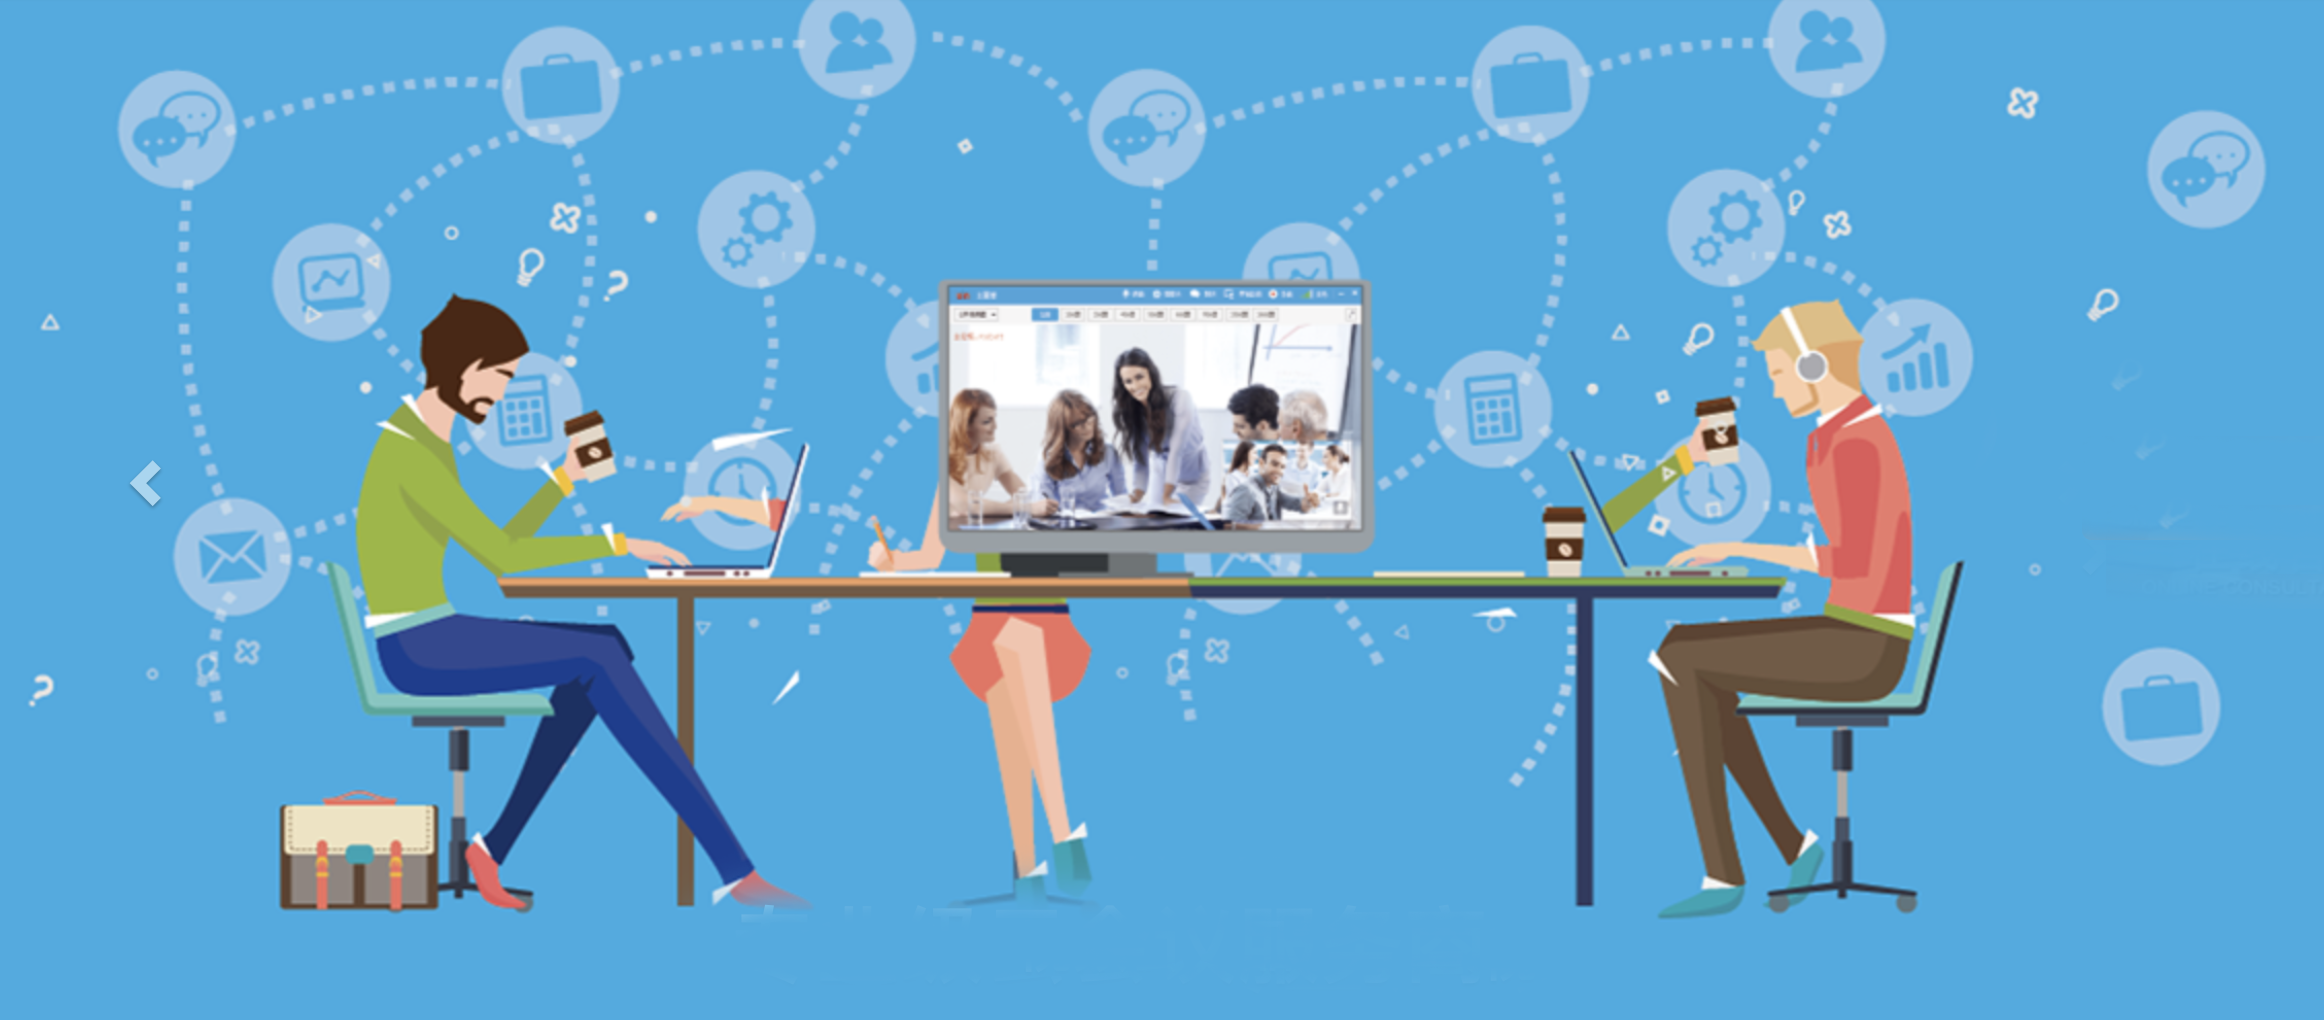 聚点映像:多点视频会议系统 让远程会议更简单